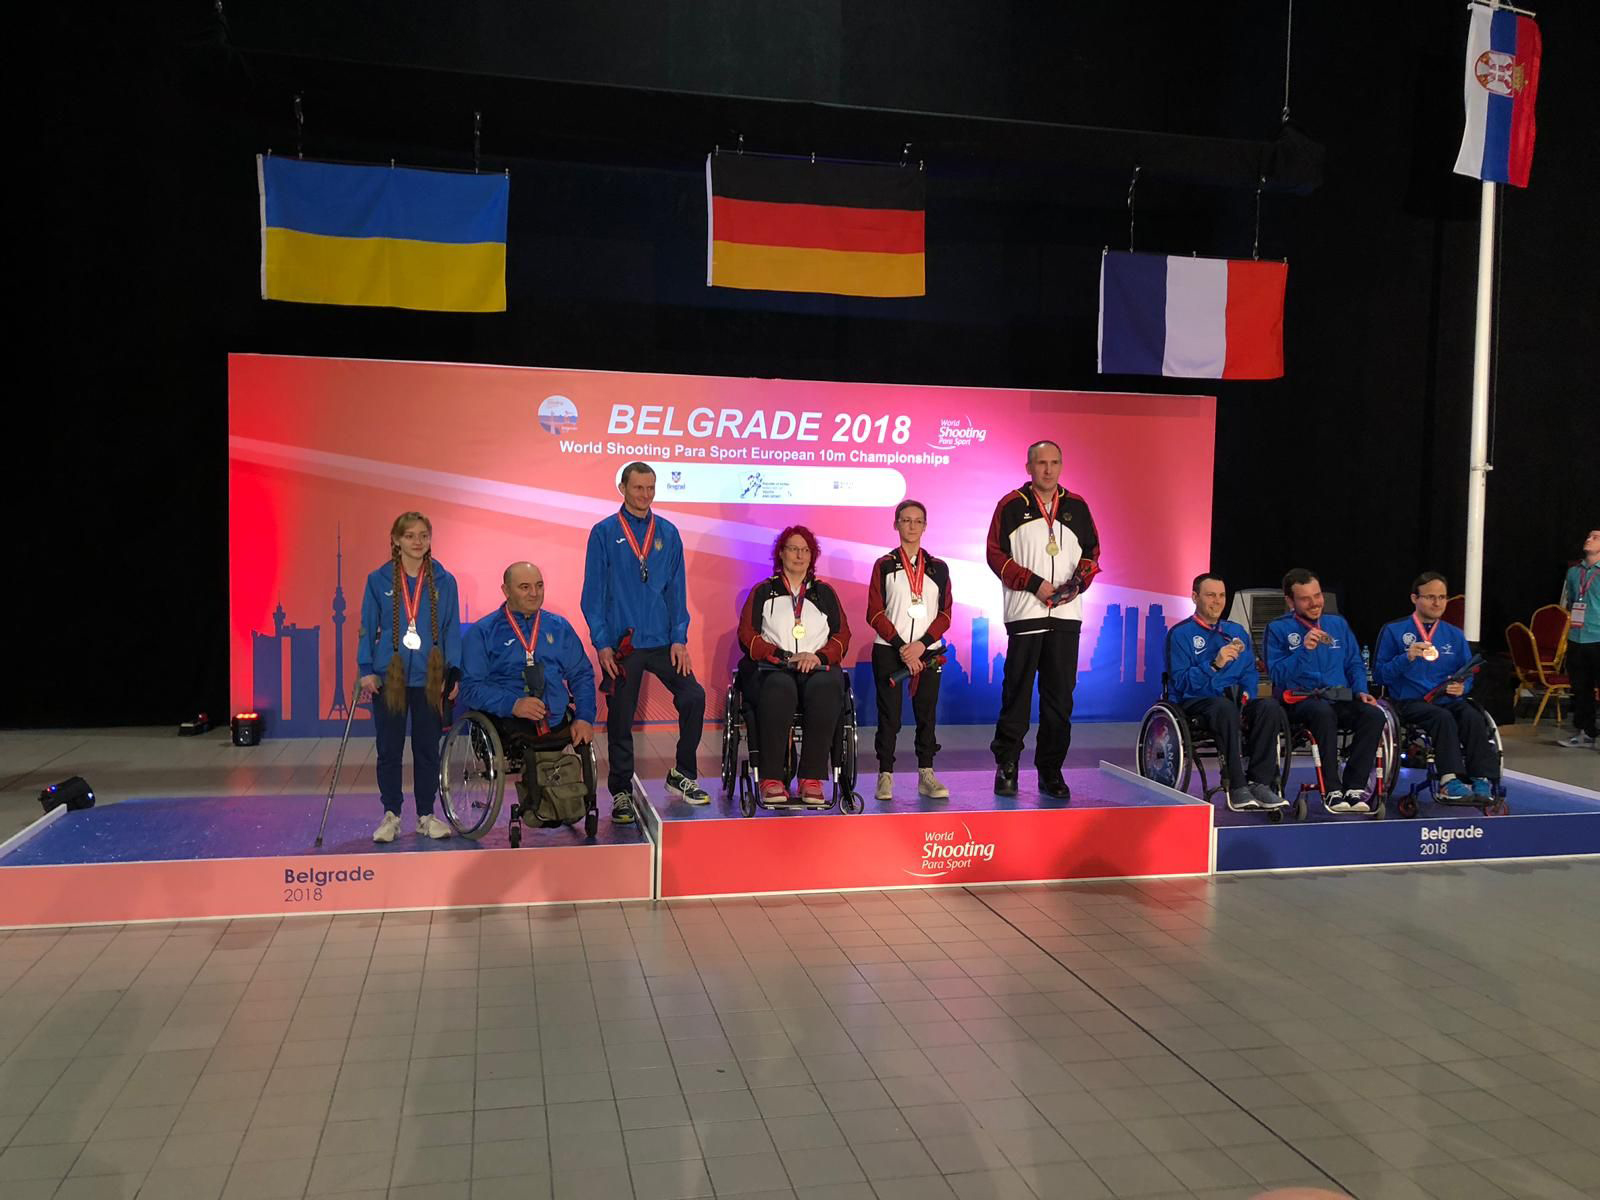 Sieger in Belgrad 2018